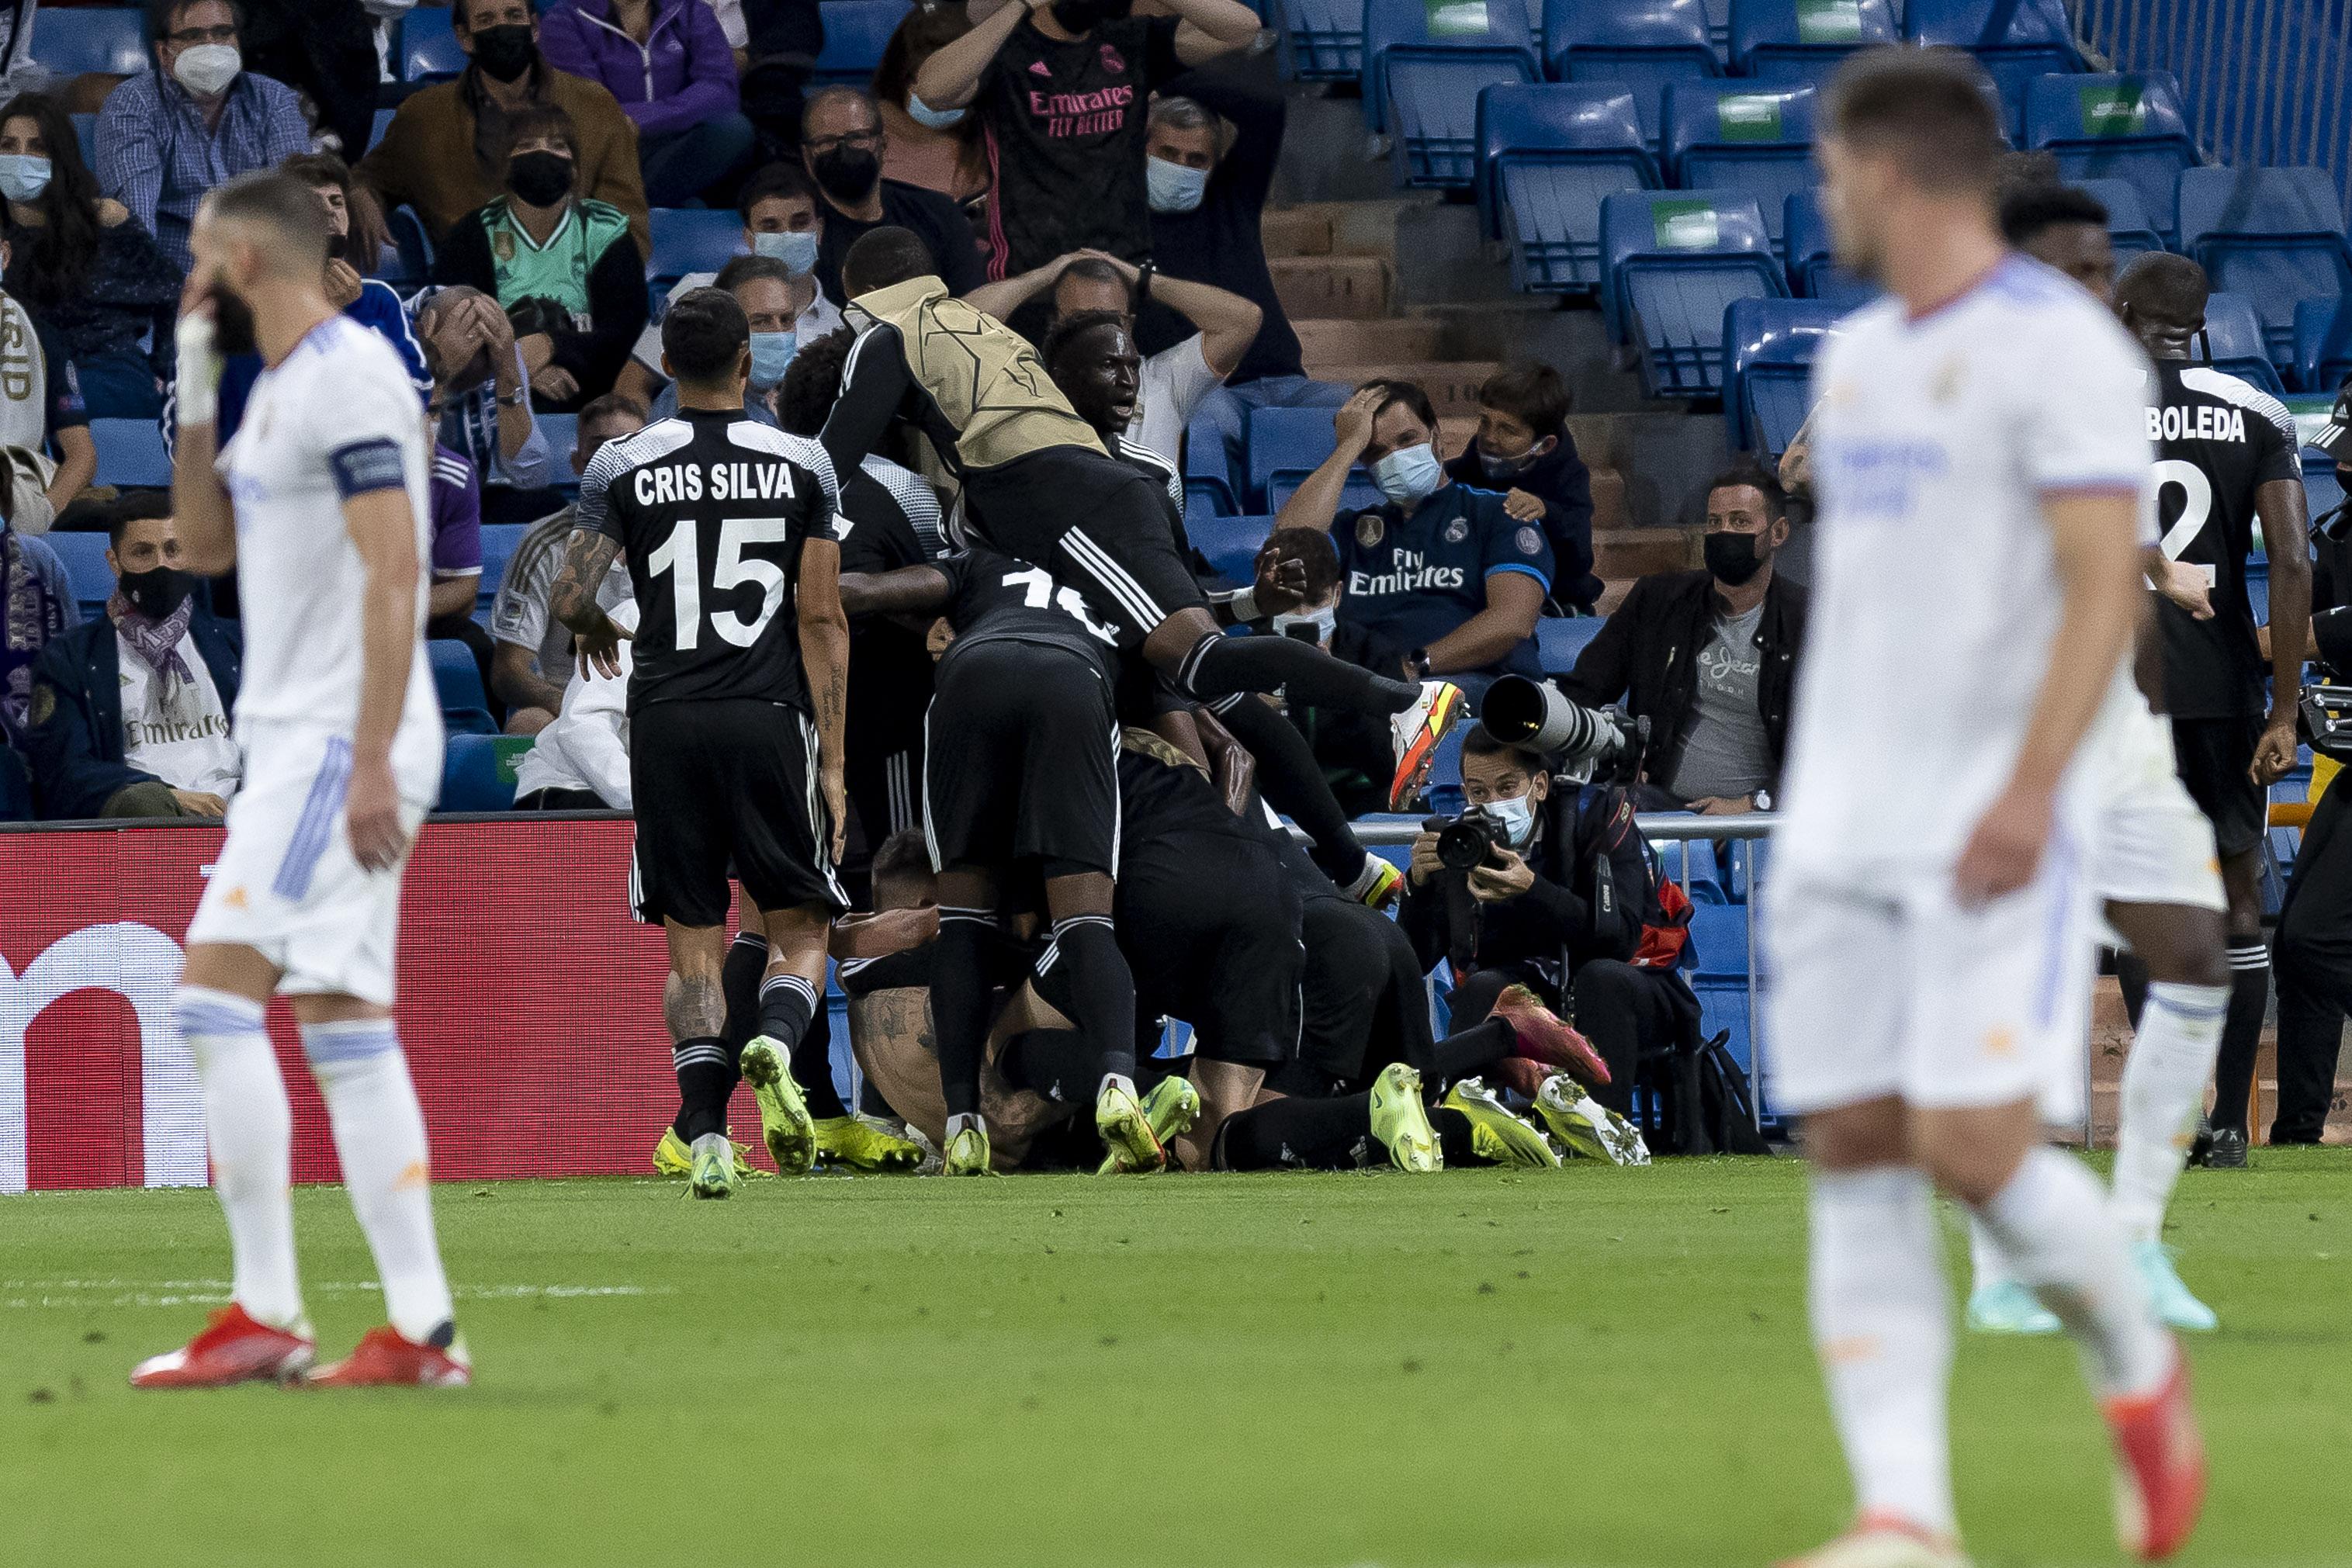 皇马球员只能目睹对手疯狂庆祝。